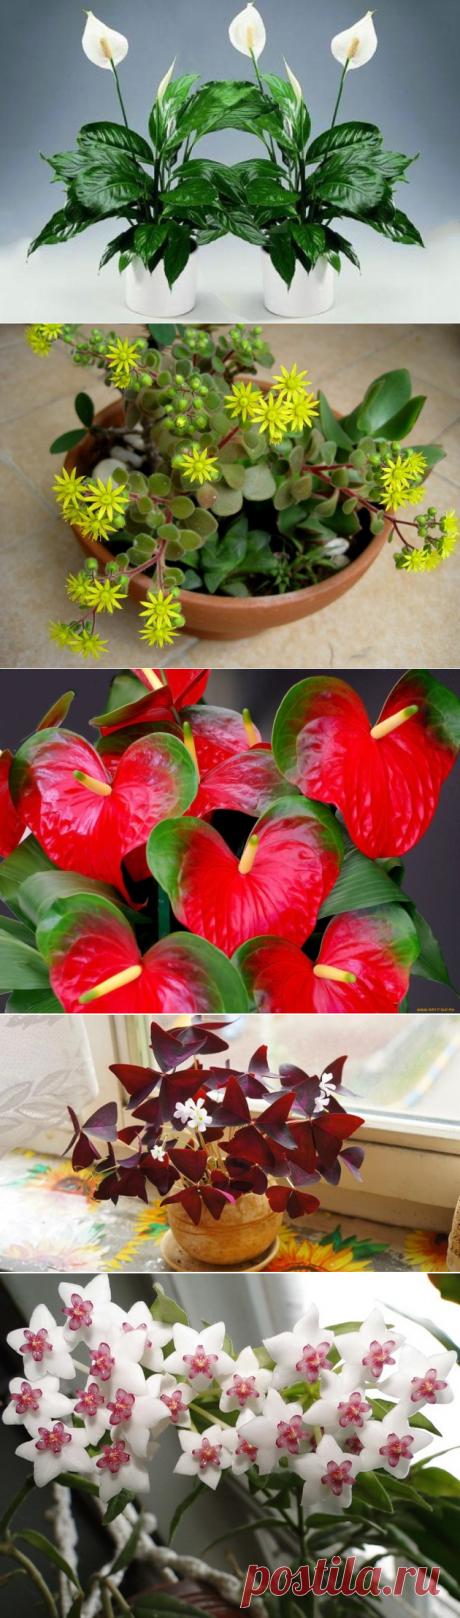 10 комнатных растений, которые принесут любовь и семейное счастье в ваш дом